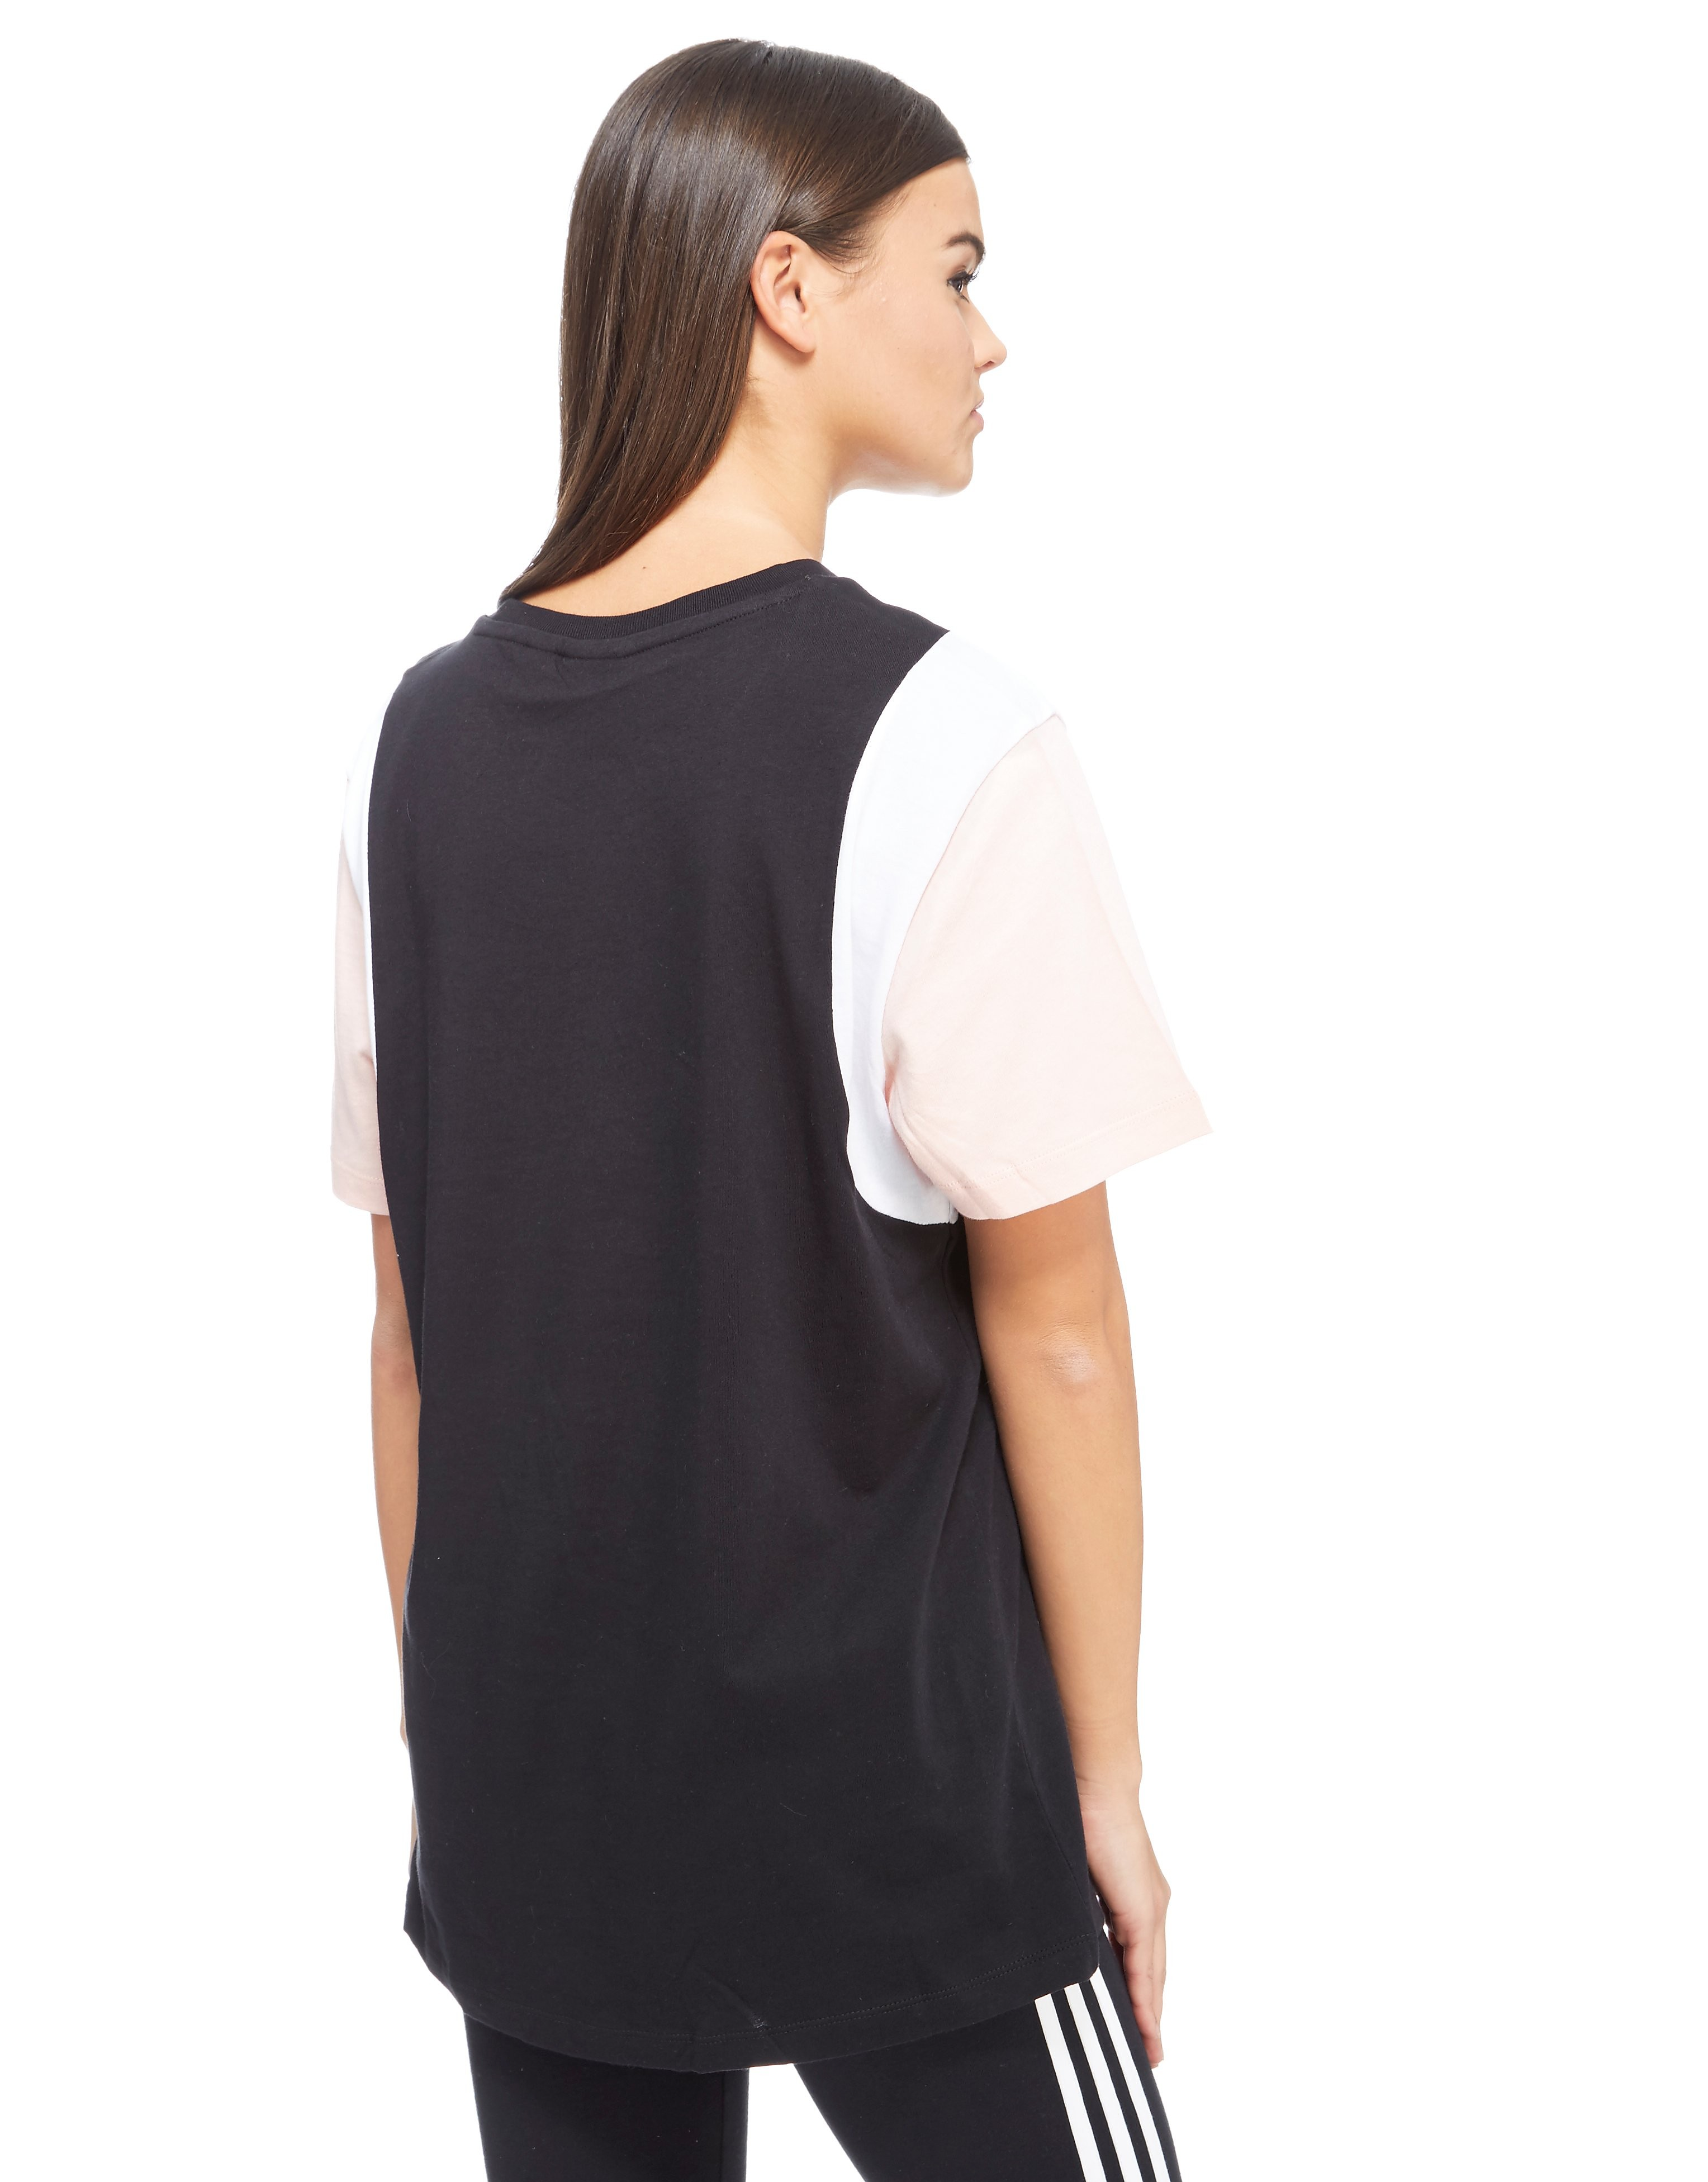 adidas Originals Colour Block T-Shirt